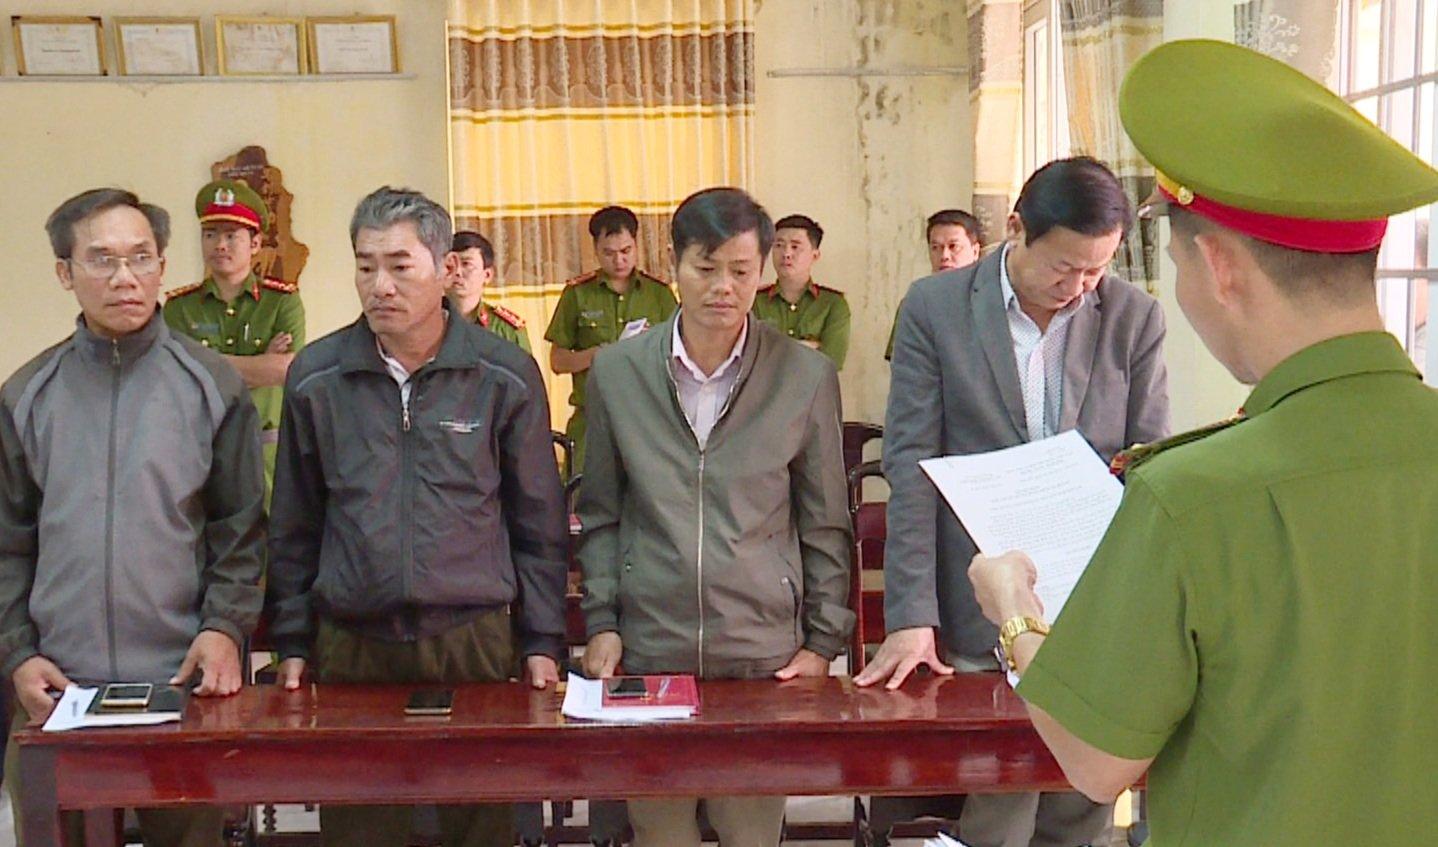 Giám đốc và các lãnh đạo công ty Lâm nghiệp Ea Kar chuẩn bị hầu tòa vì để mất rừng